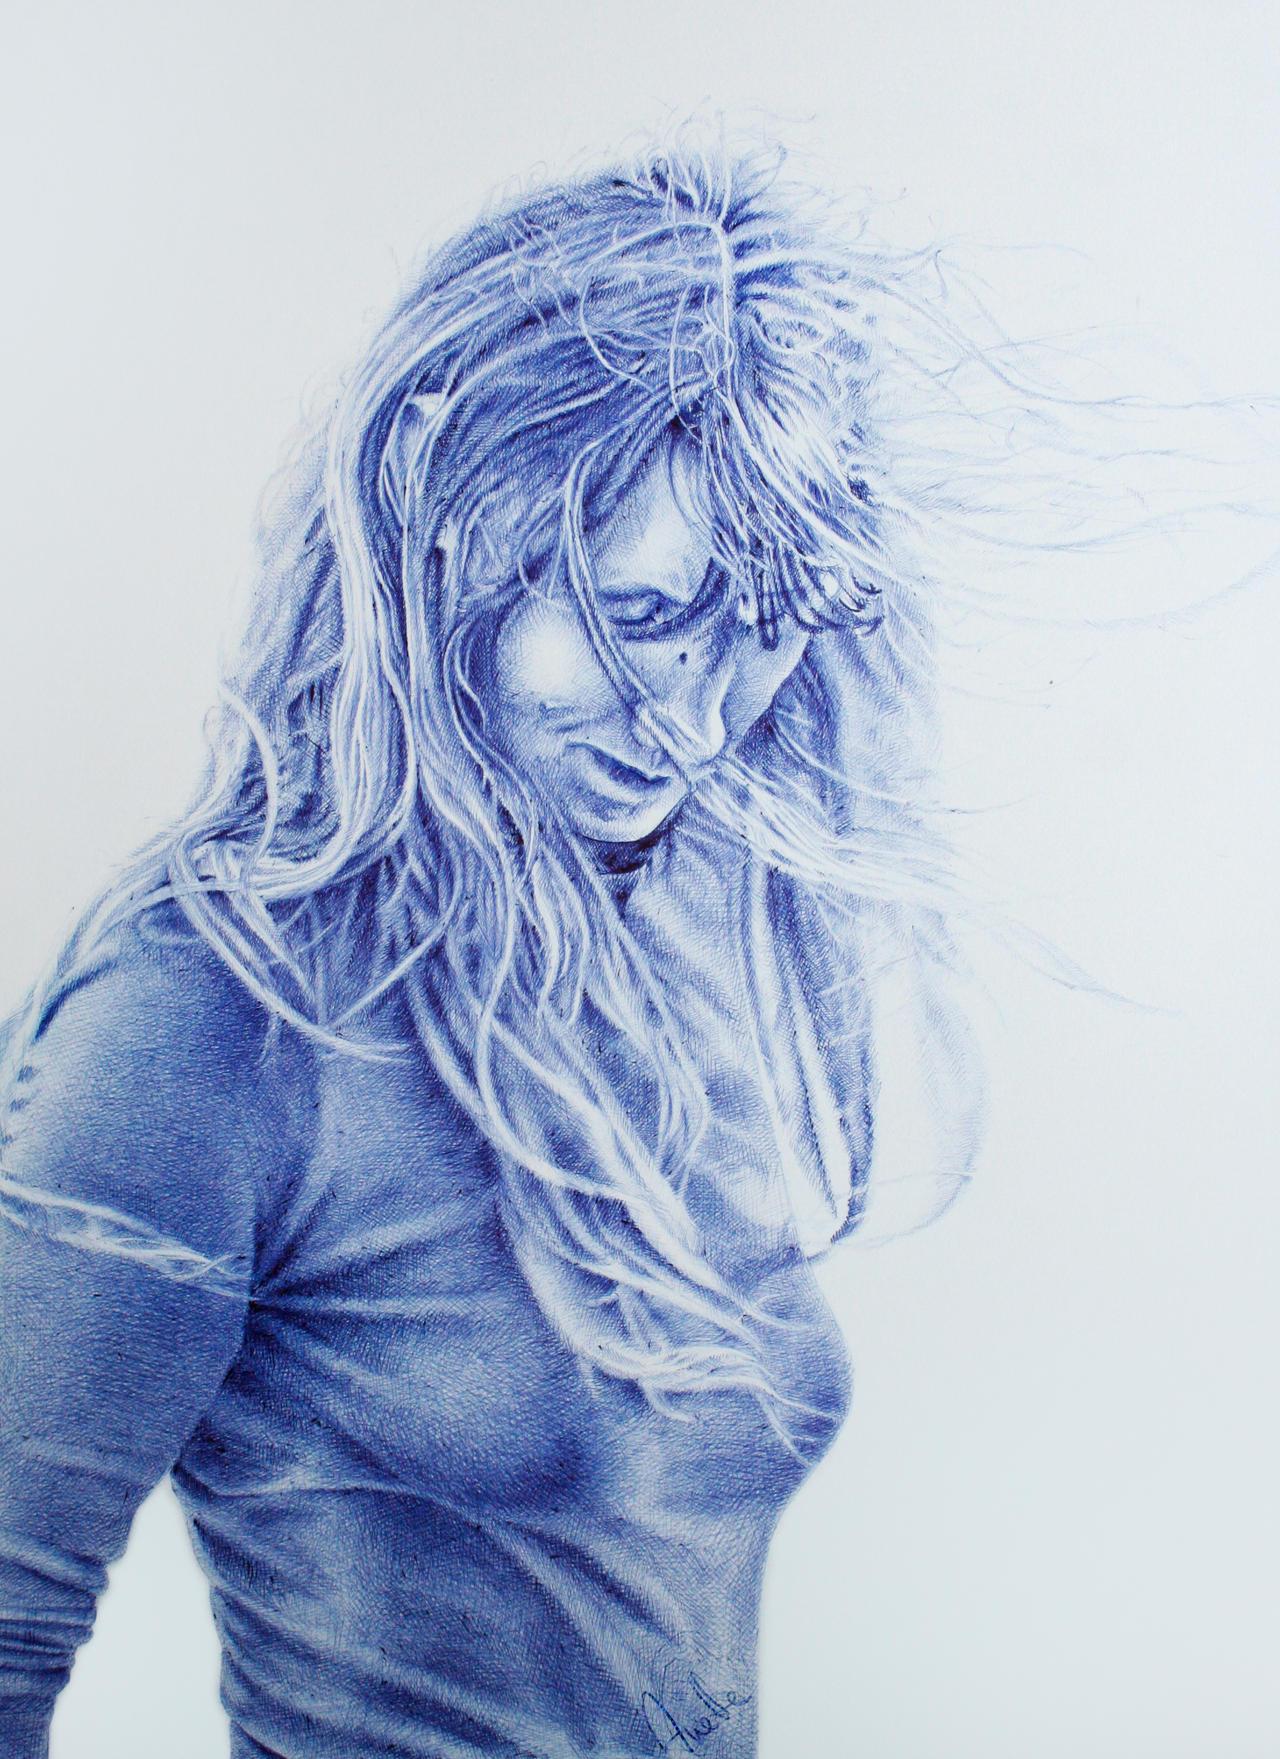 Ice Queen - in blue pen